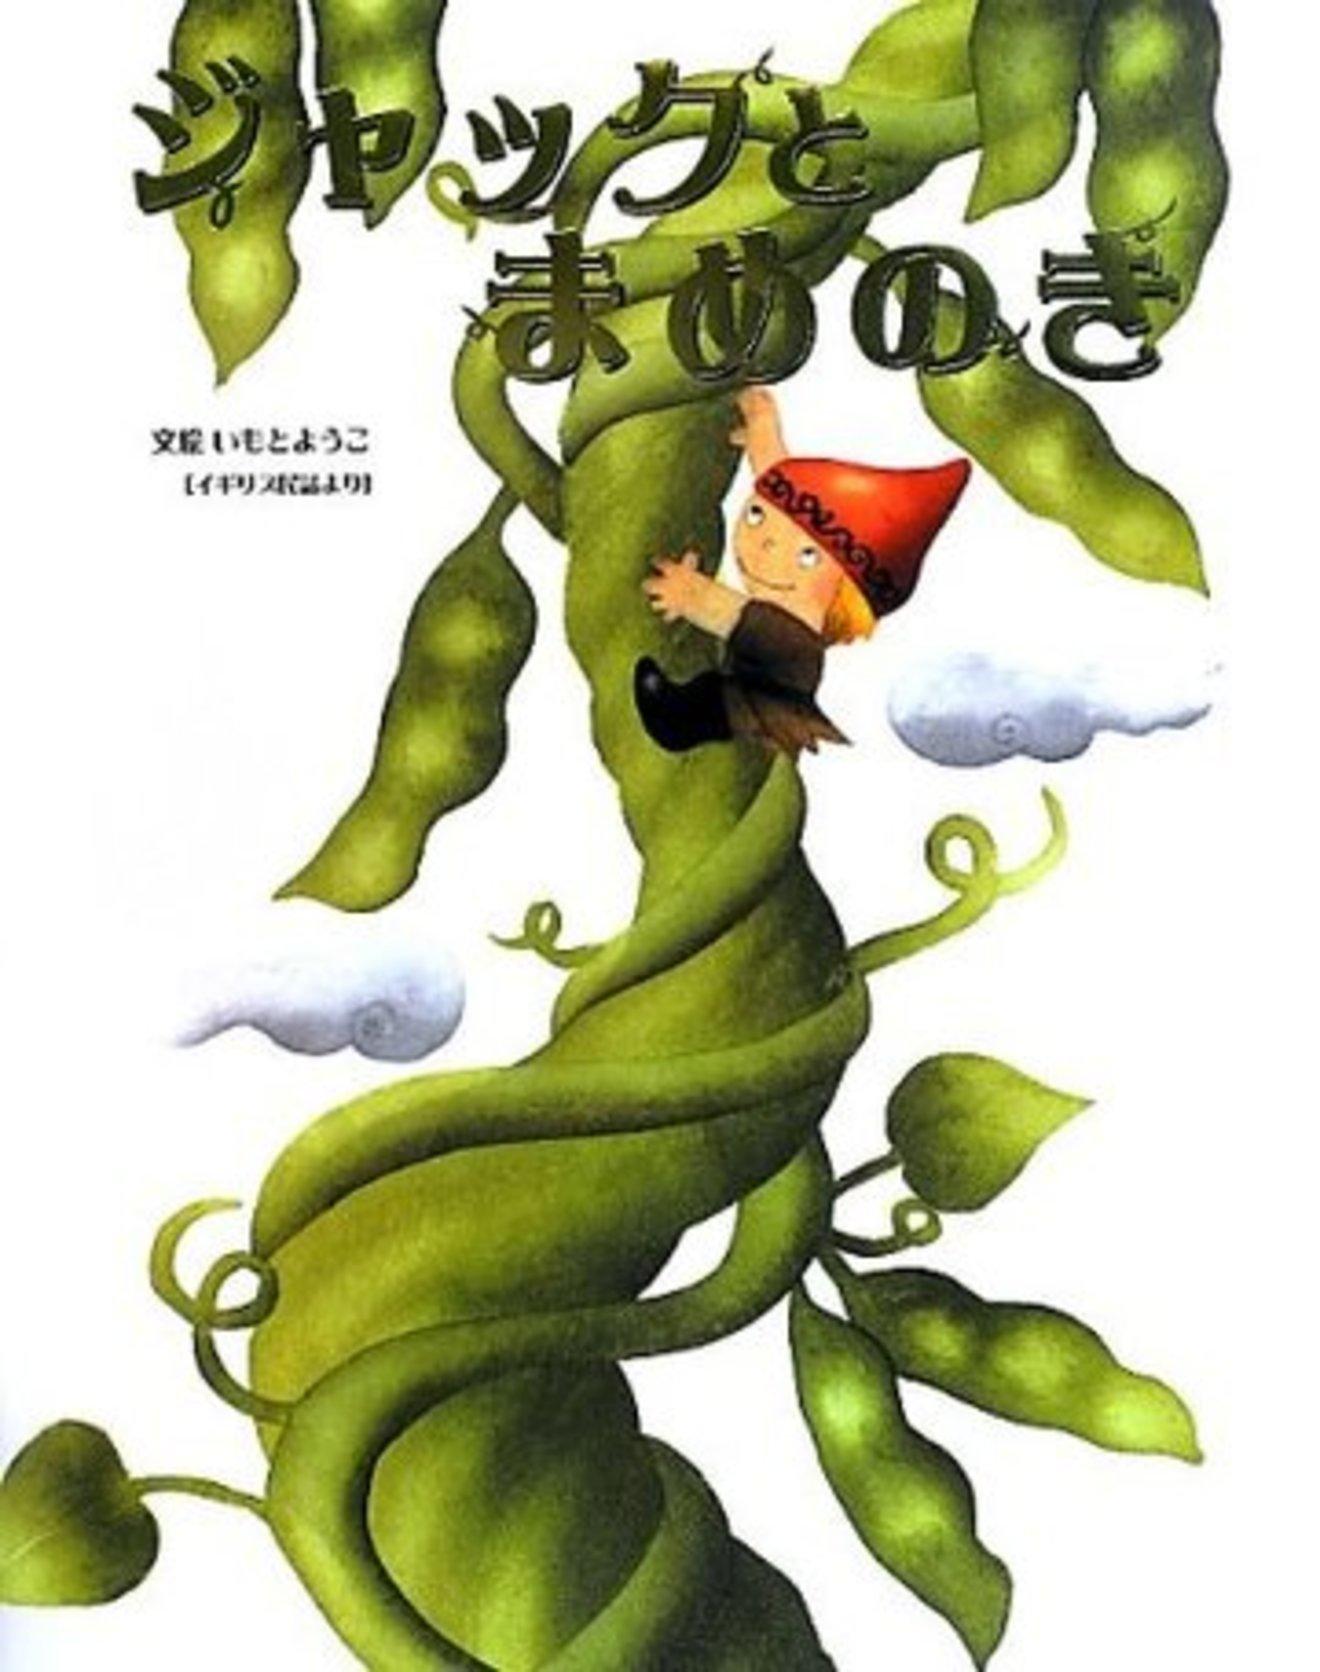 小説『ジャックと豆の木』は実は怖い!?あらすじ、結末などをネタバレ解説!